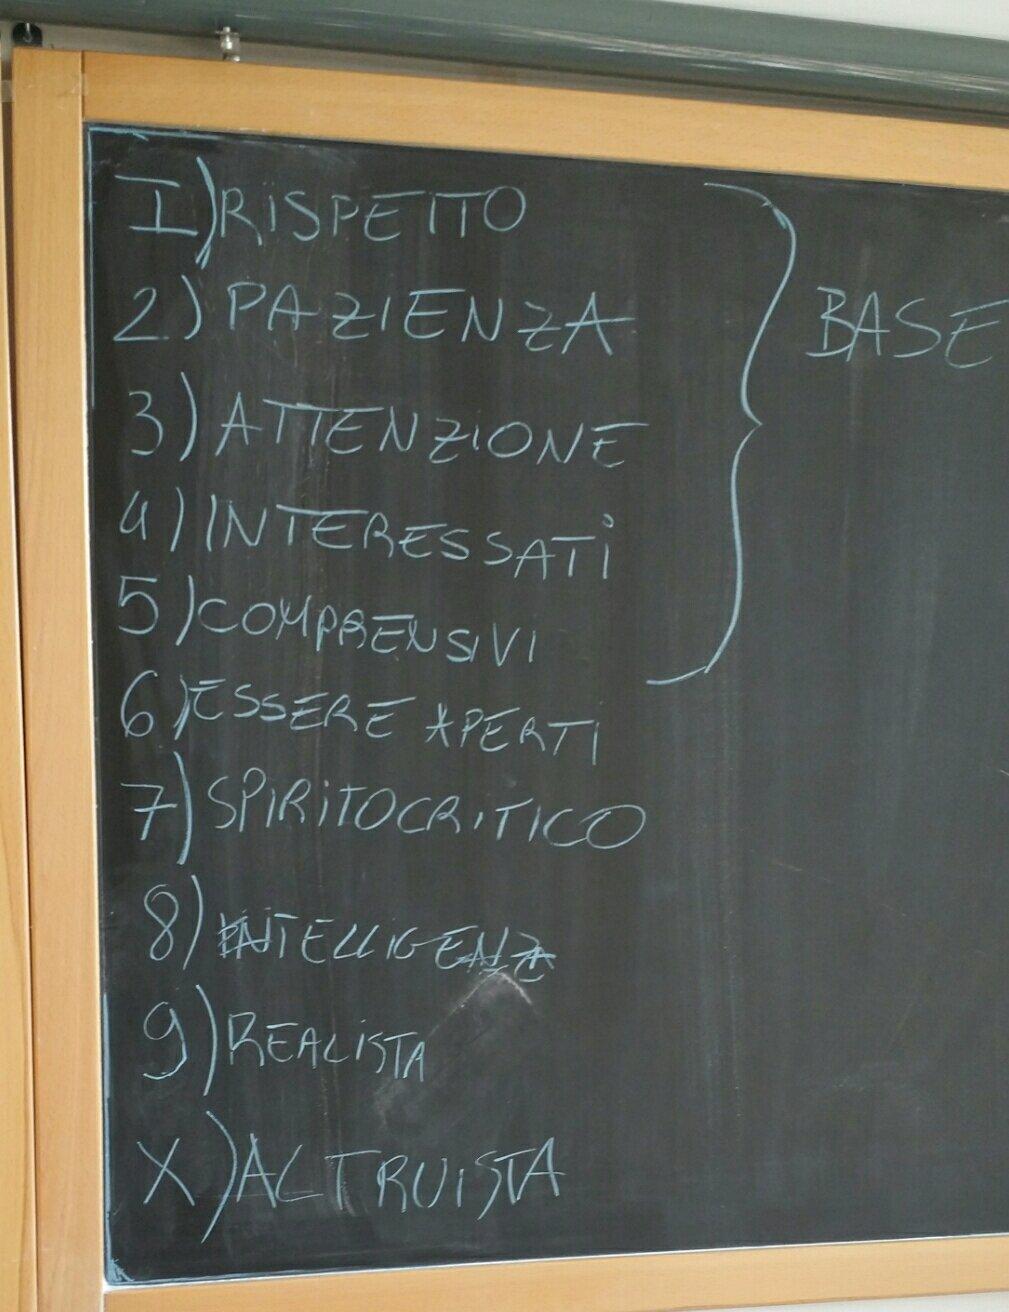 Alternanza scuola-lavoro e Avvocati: oggi al Liceo scientifico di Urbino per parlare di gestione dei conflitti